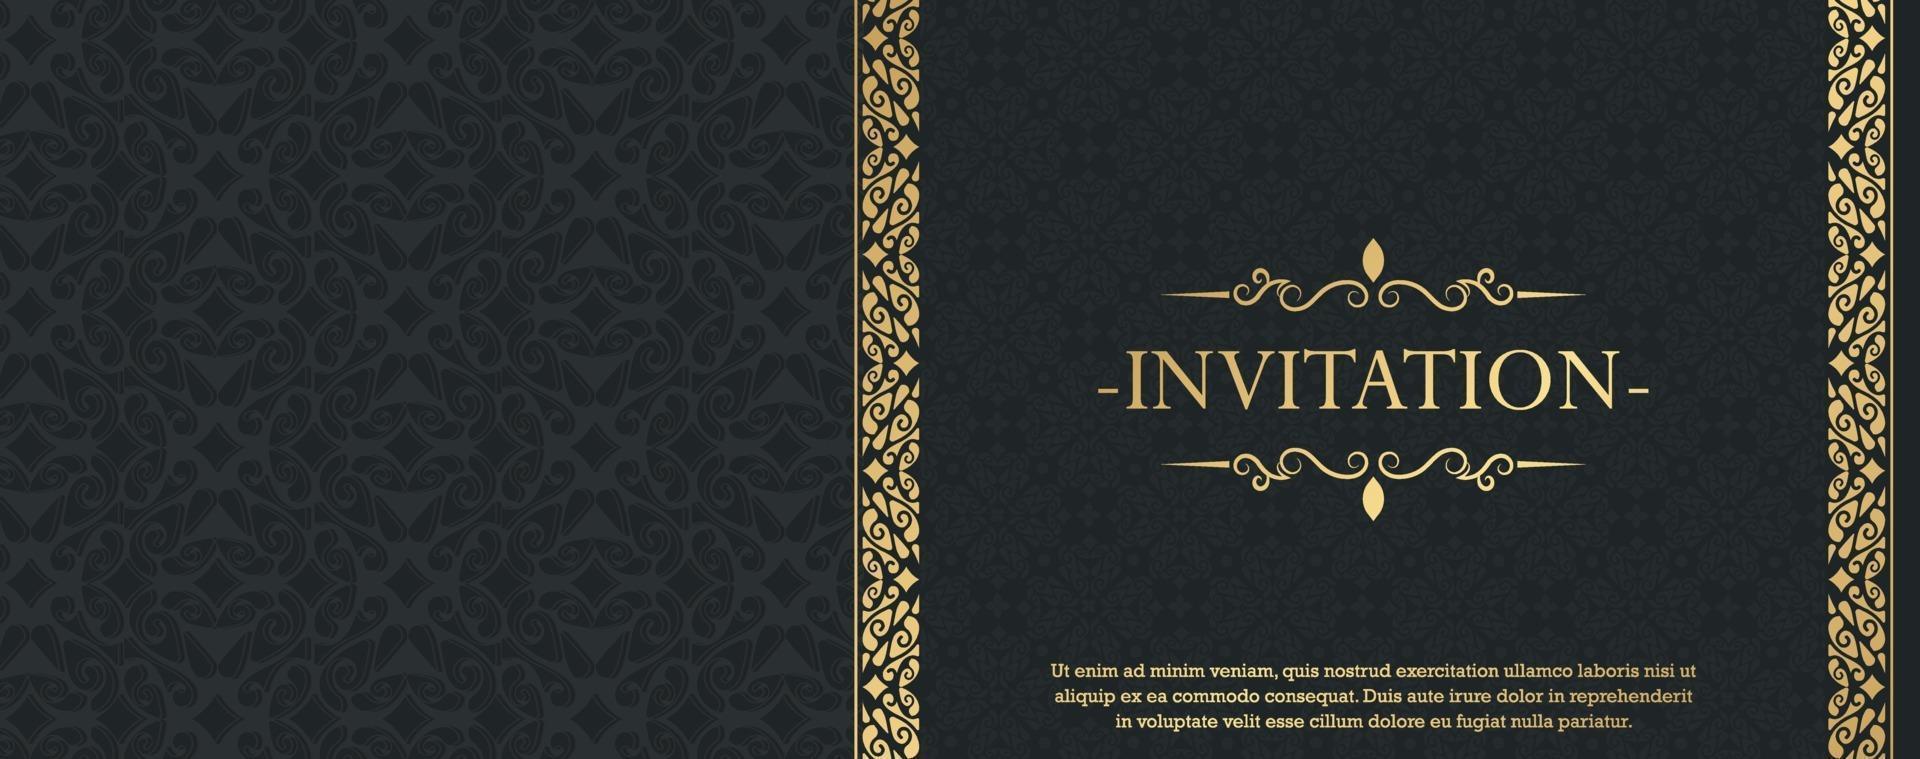 luxe uitnodiging achtergrond stijl sier patroon vector